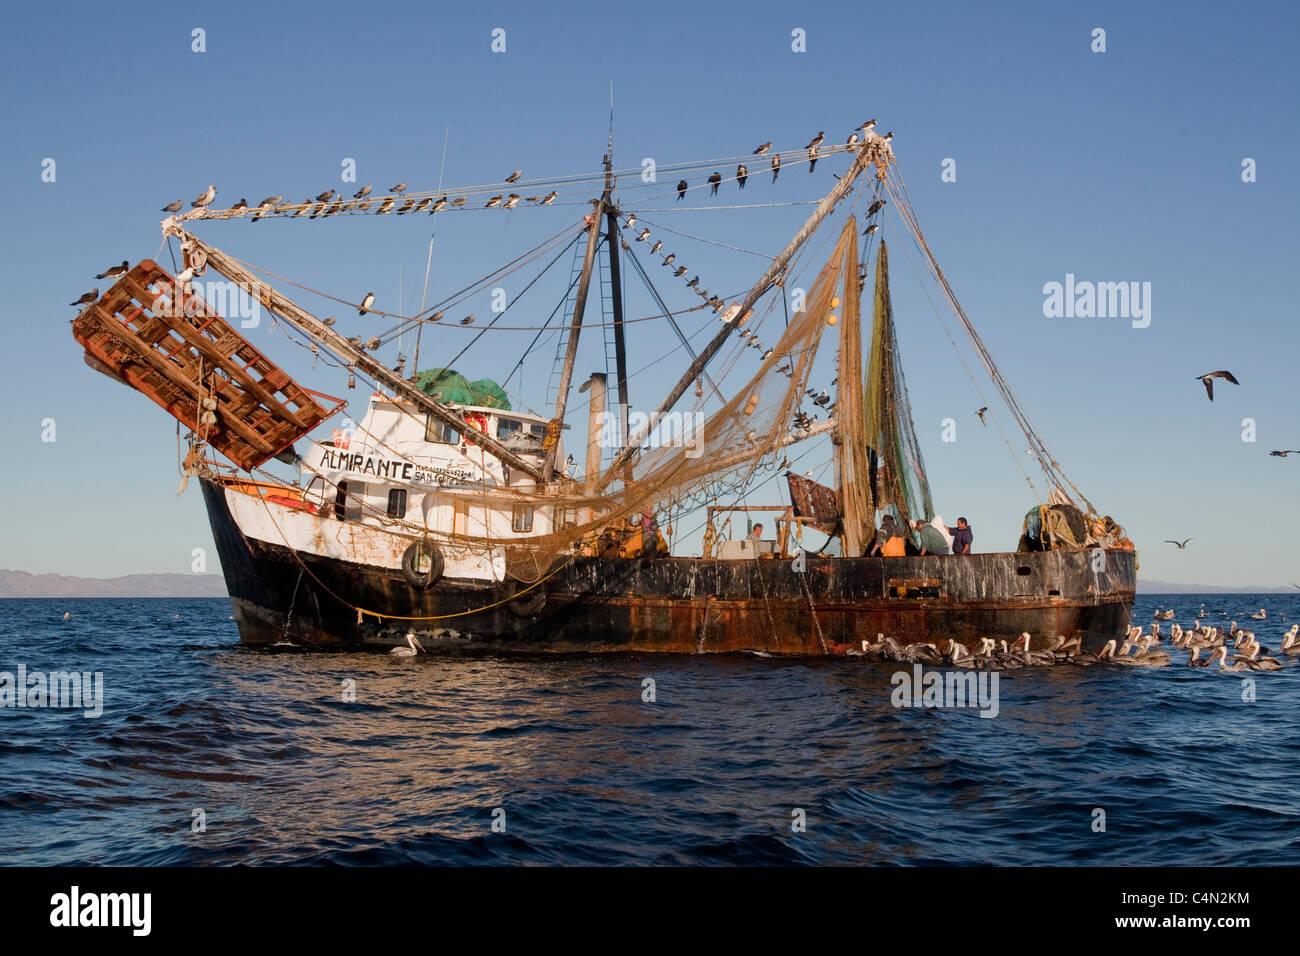 Un arrastrero de camarón mexicano de pesca en Bahía Kino, México. Foto de stock